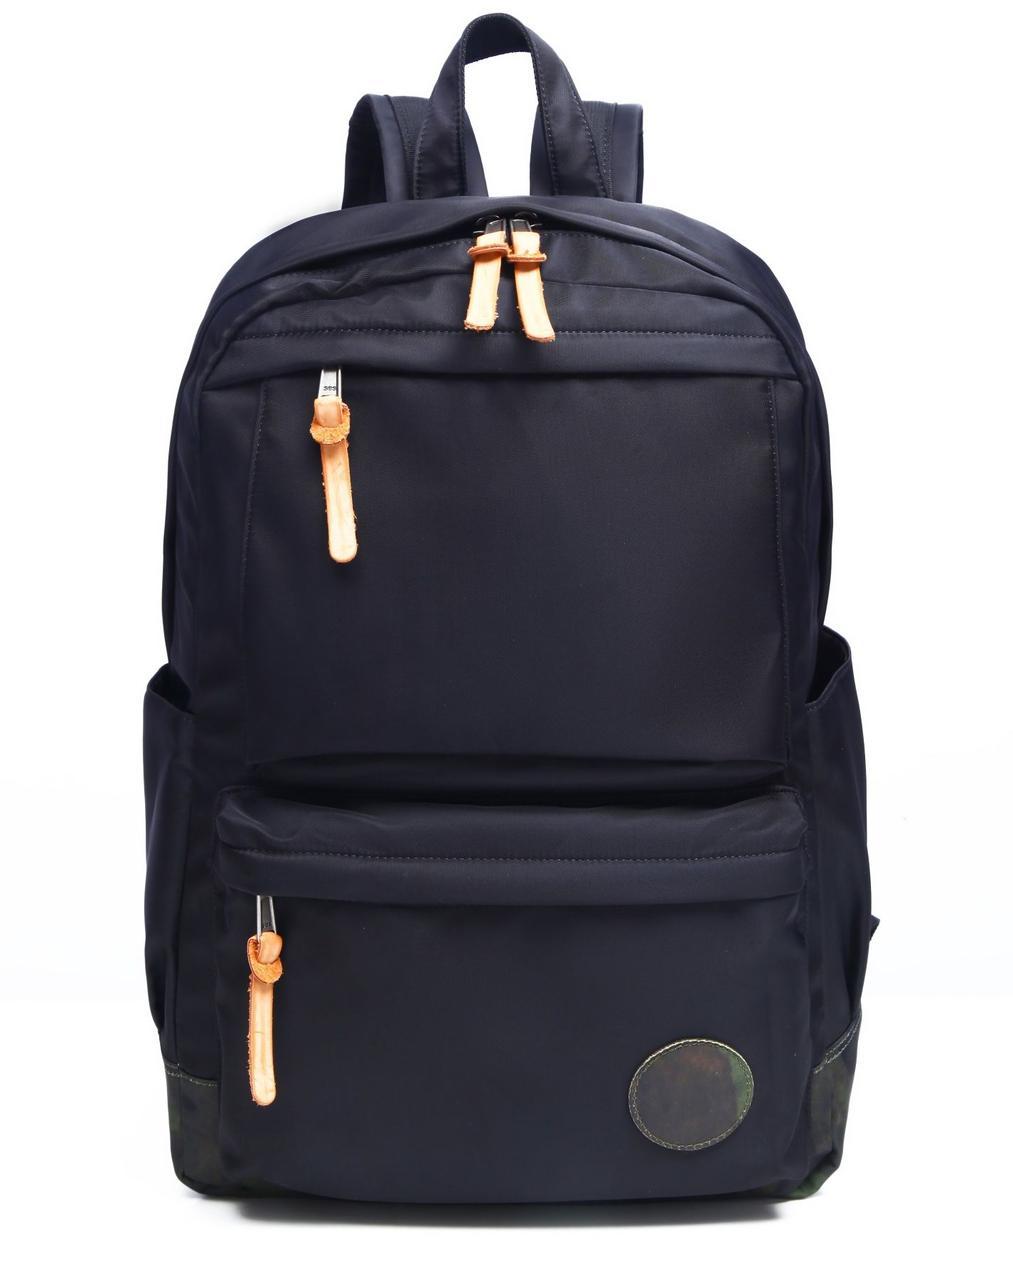 Рюкзак нейлоновый Vintage 14807 Черный, Черный